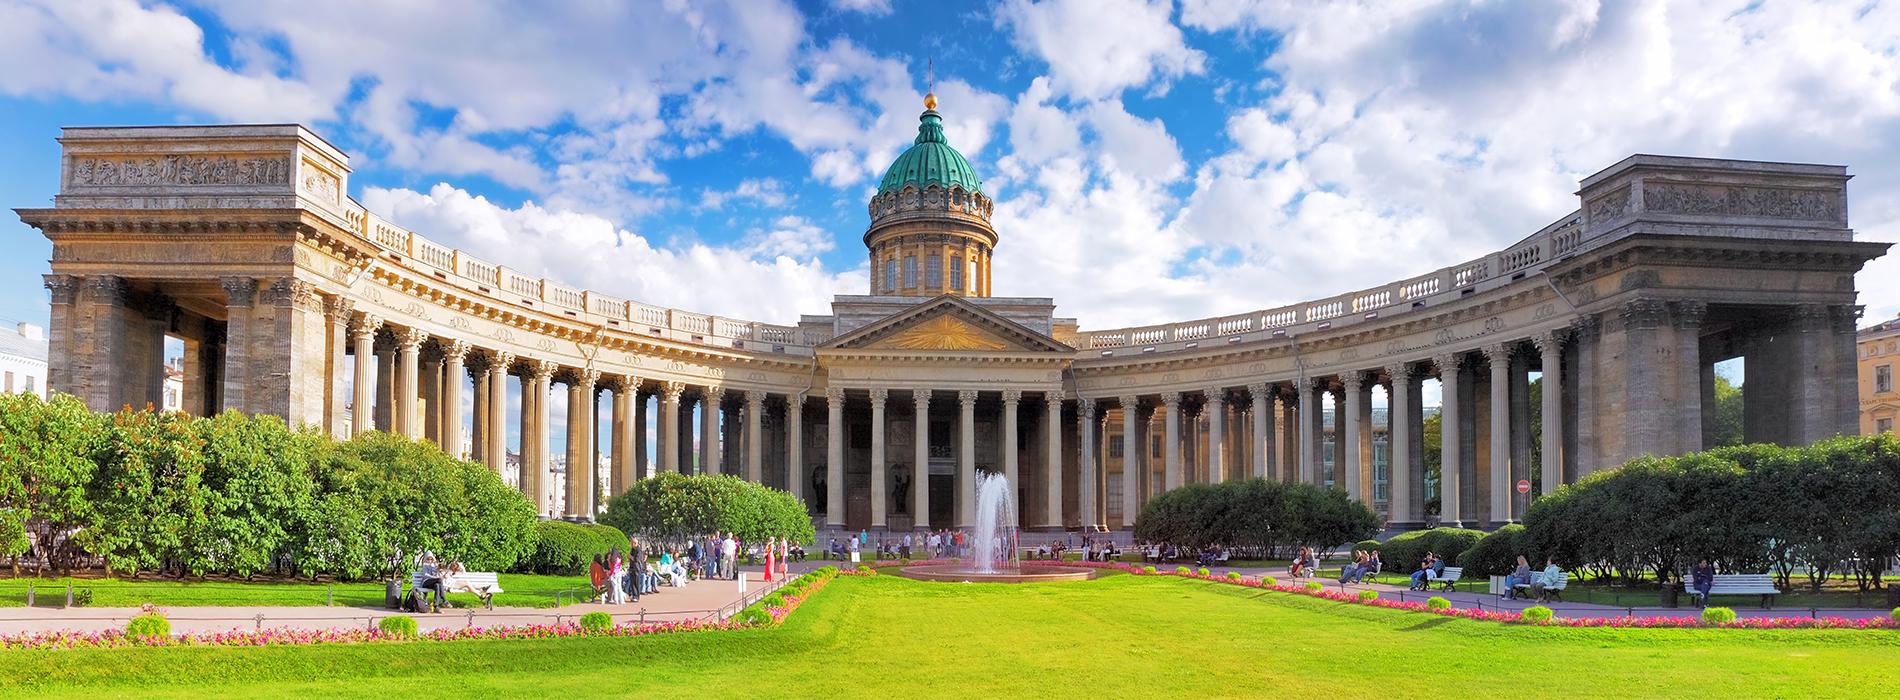 Авиабилеты Казань — Санкт-Петербург, купить билеты на самолет туда и обратно, цены и расписание рейсов